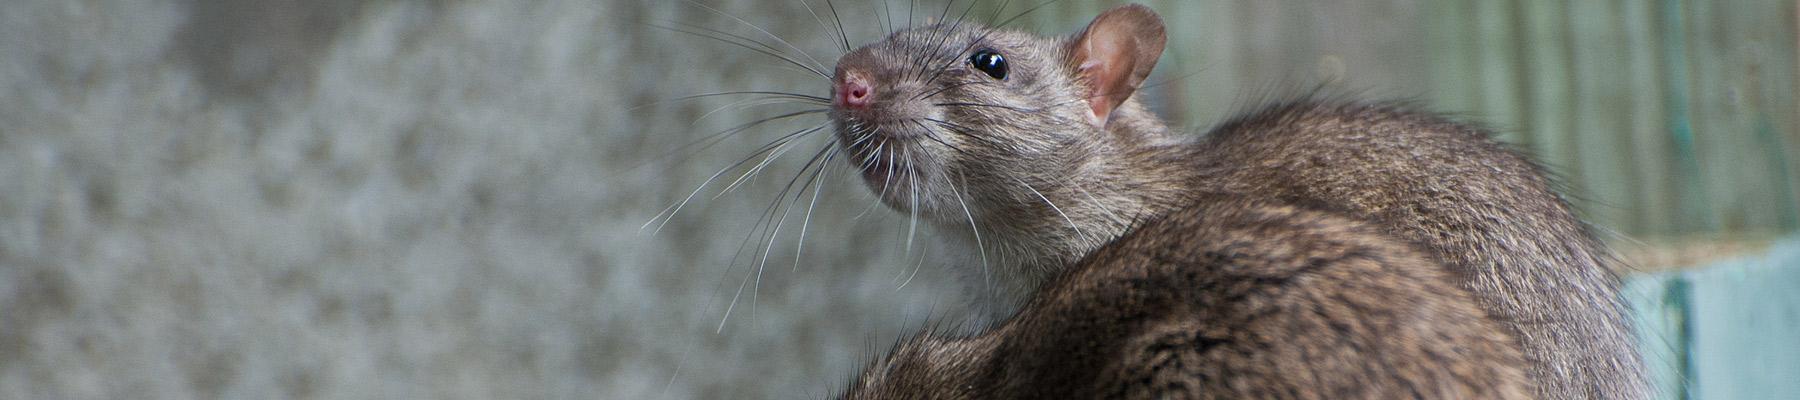 rat problem in sc